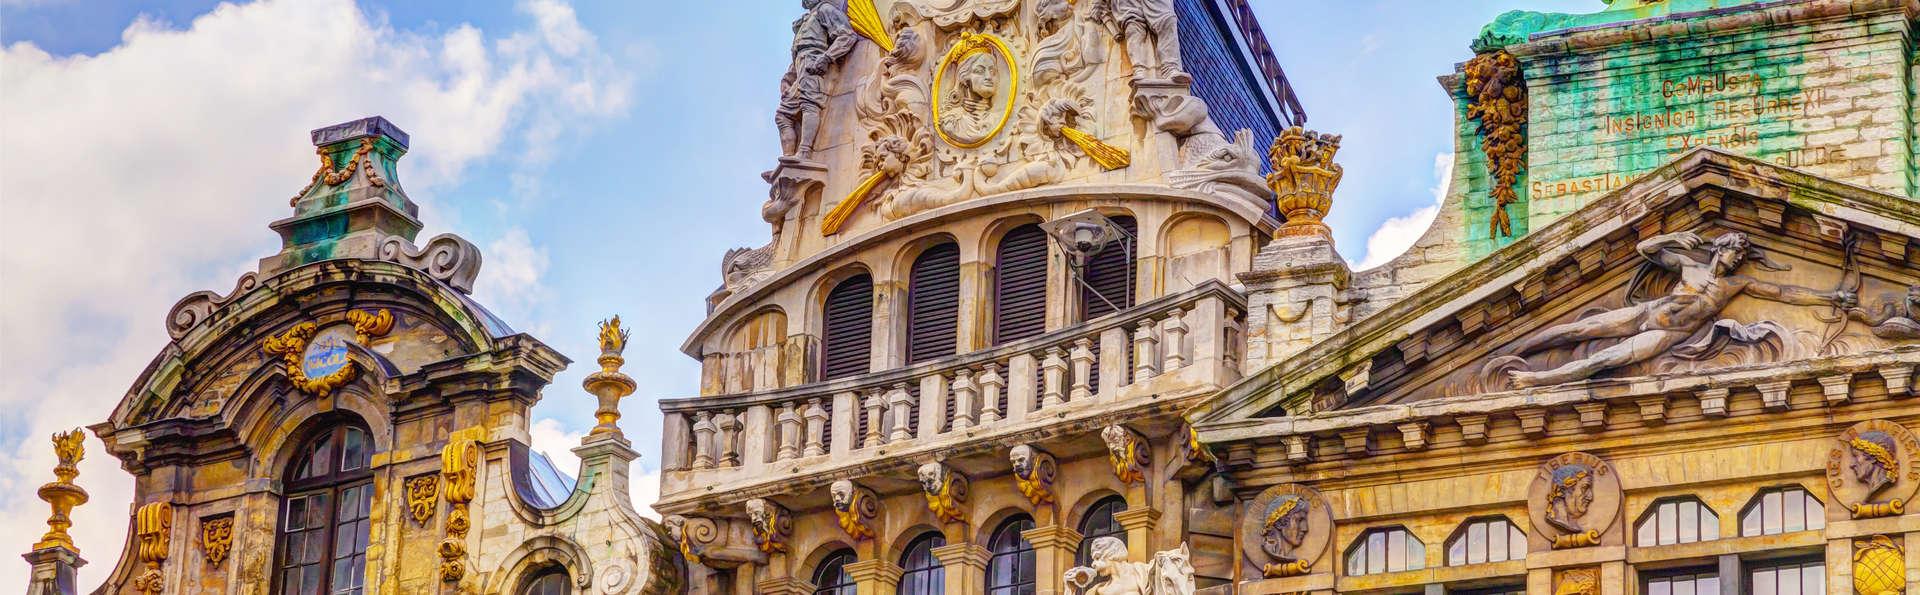 Descubriendo la magnífica ciudad de Bruselas